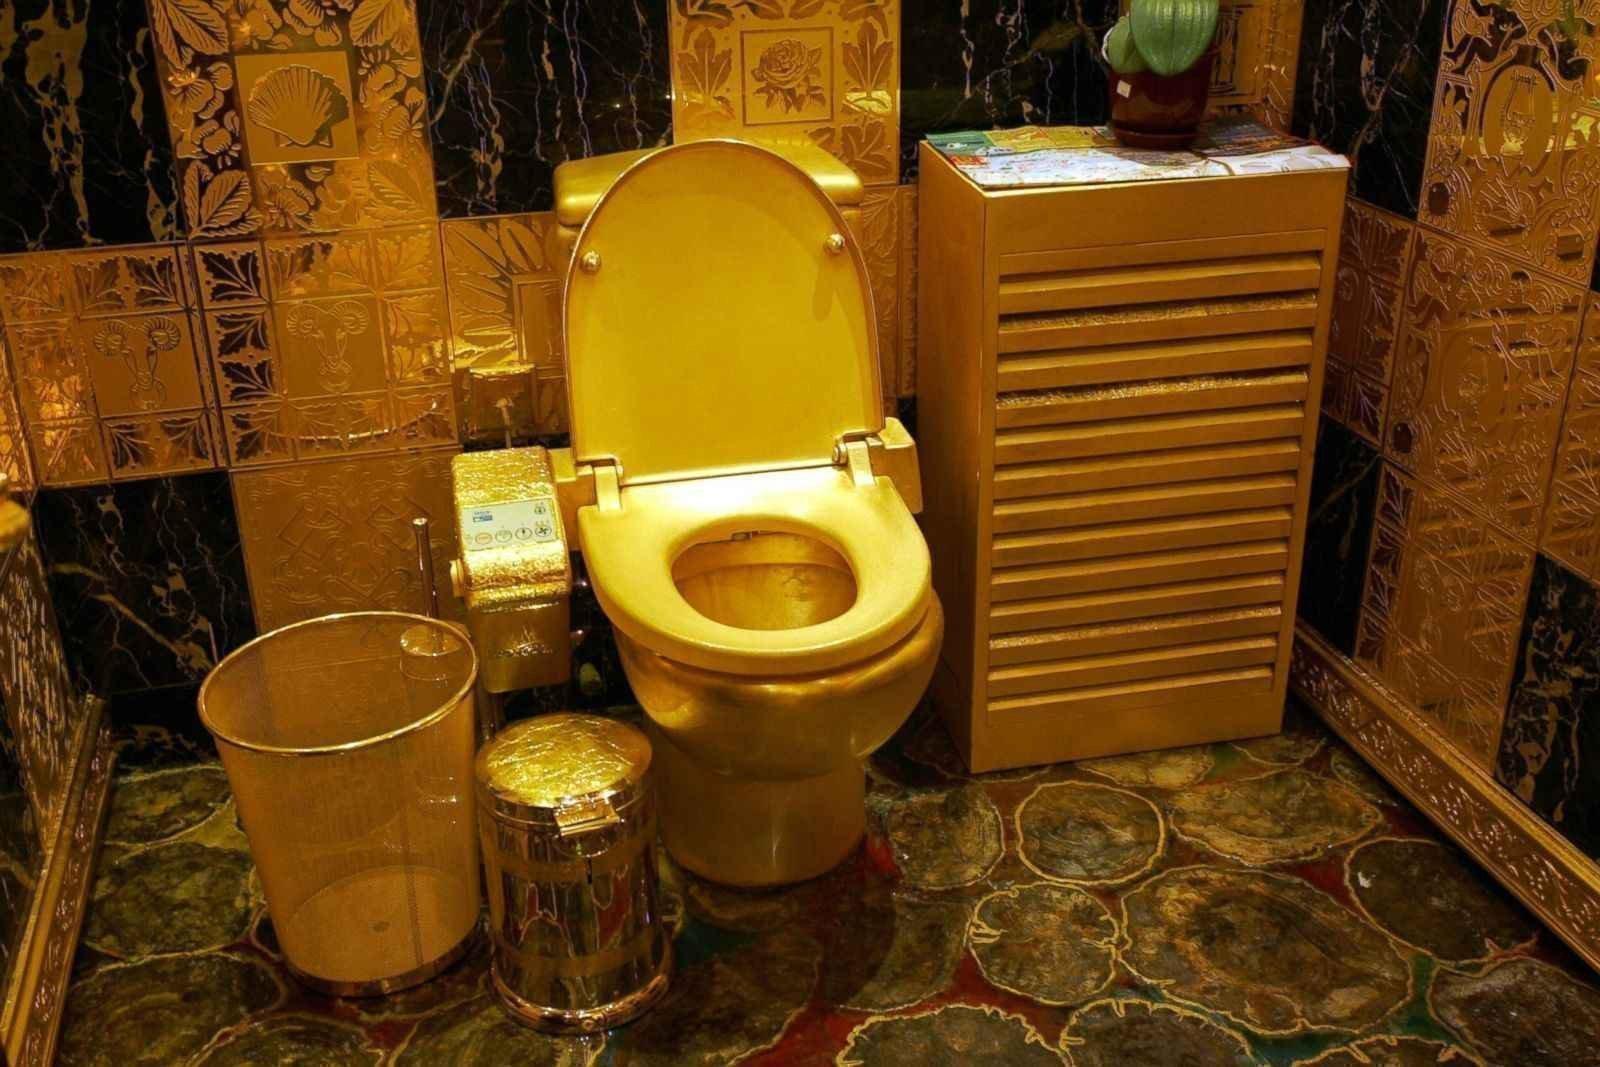 Фото в туалете фото 21 фотография